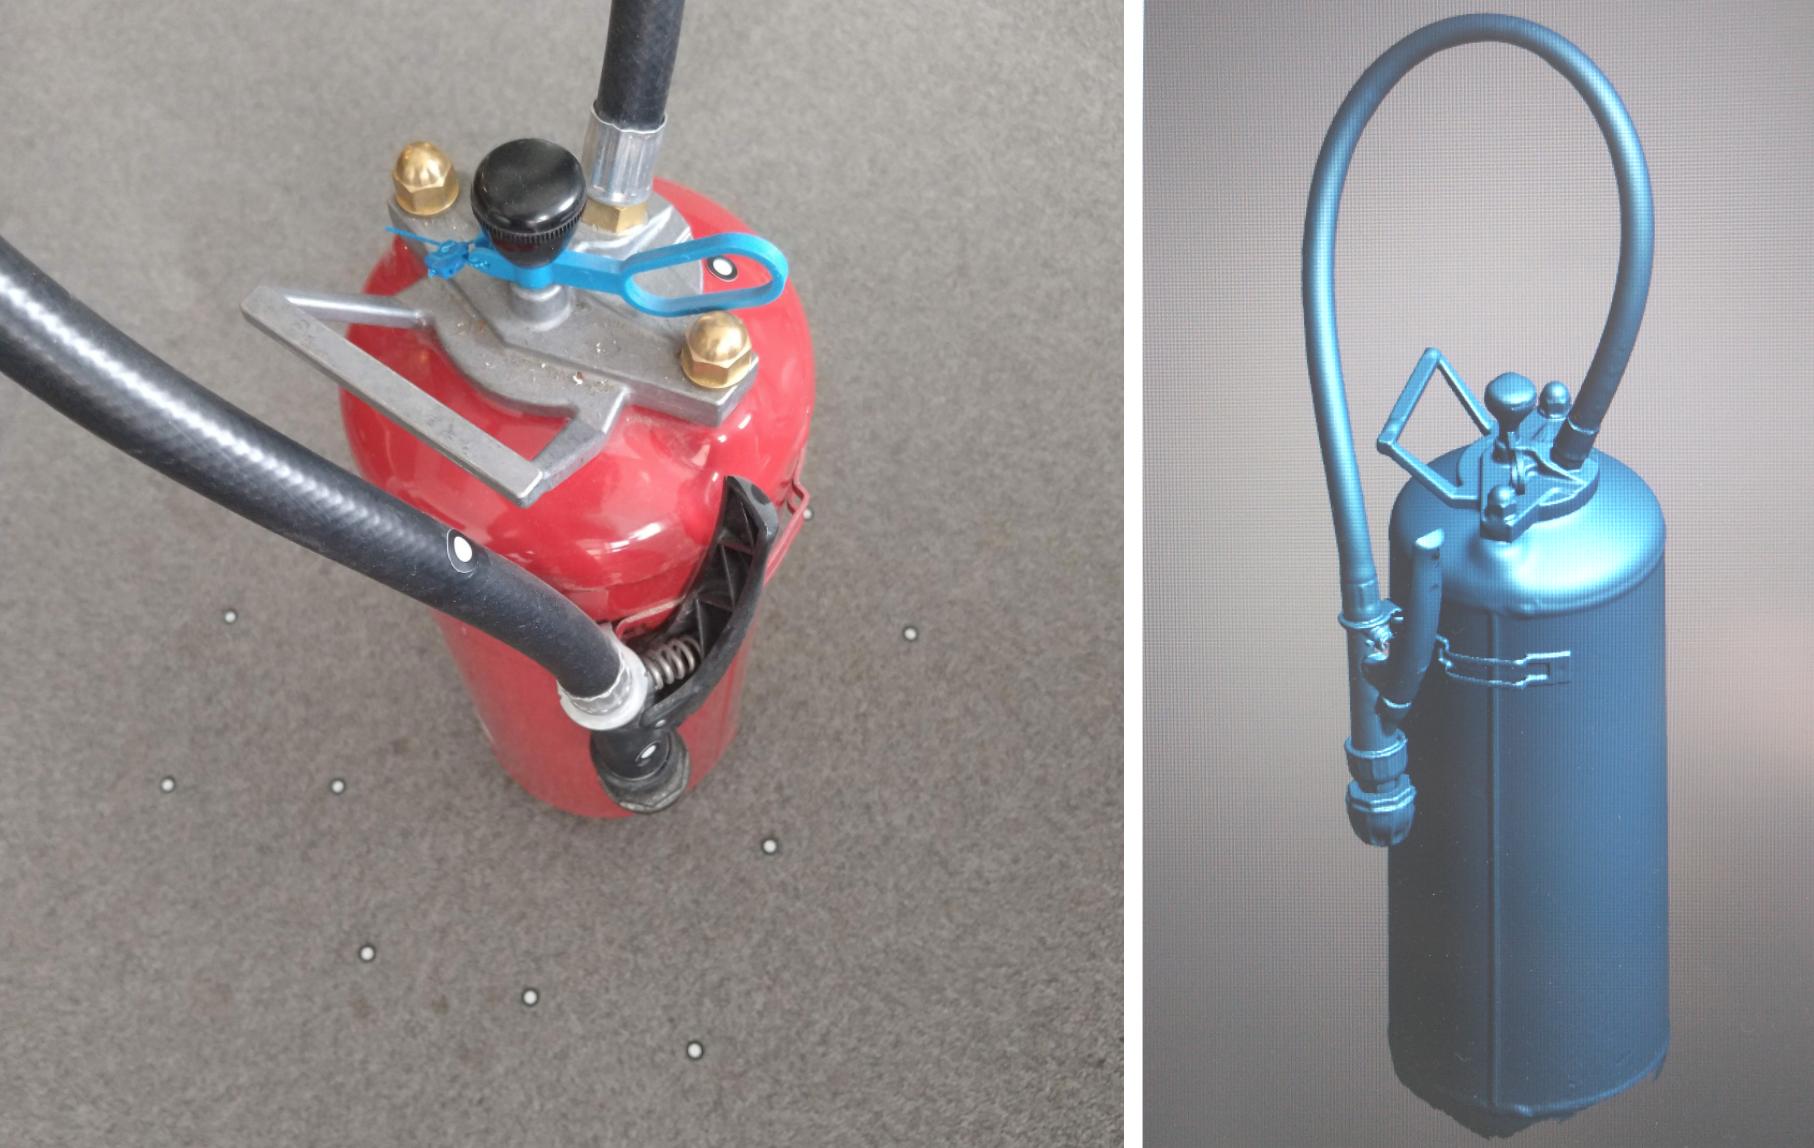 Fire extinguisher vs scan result